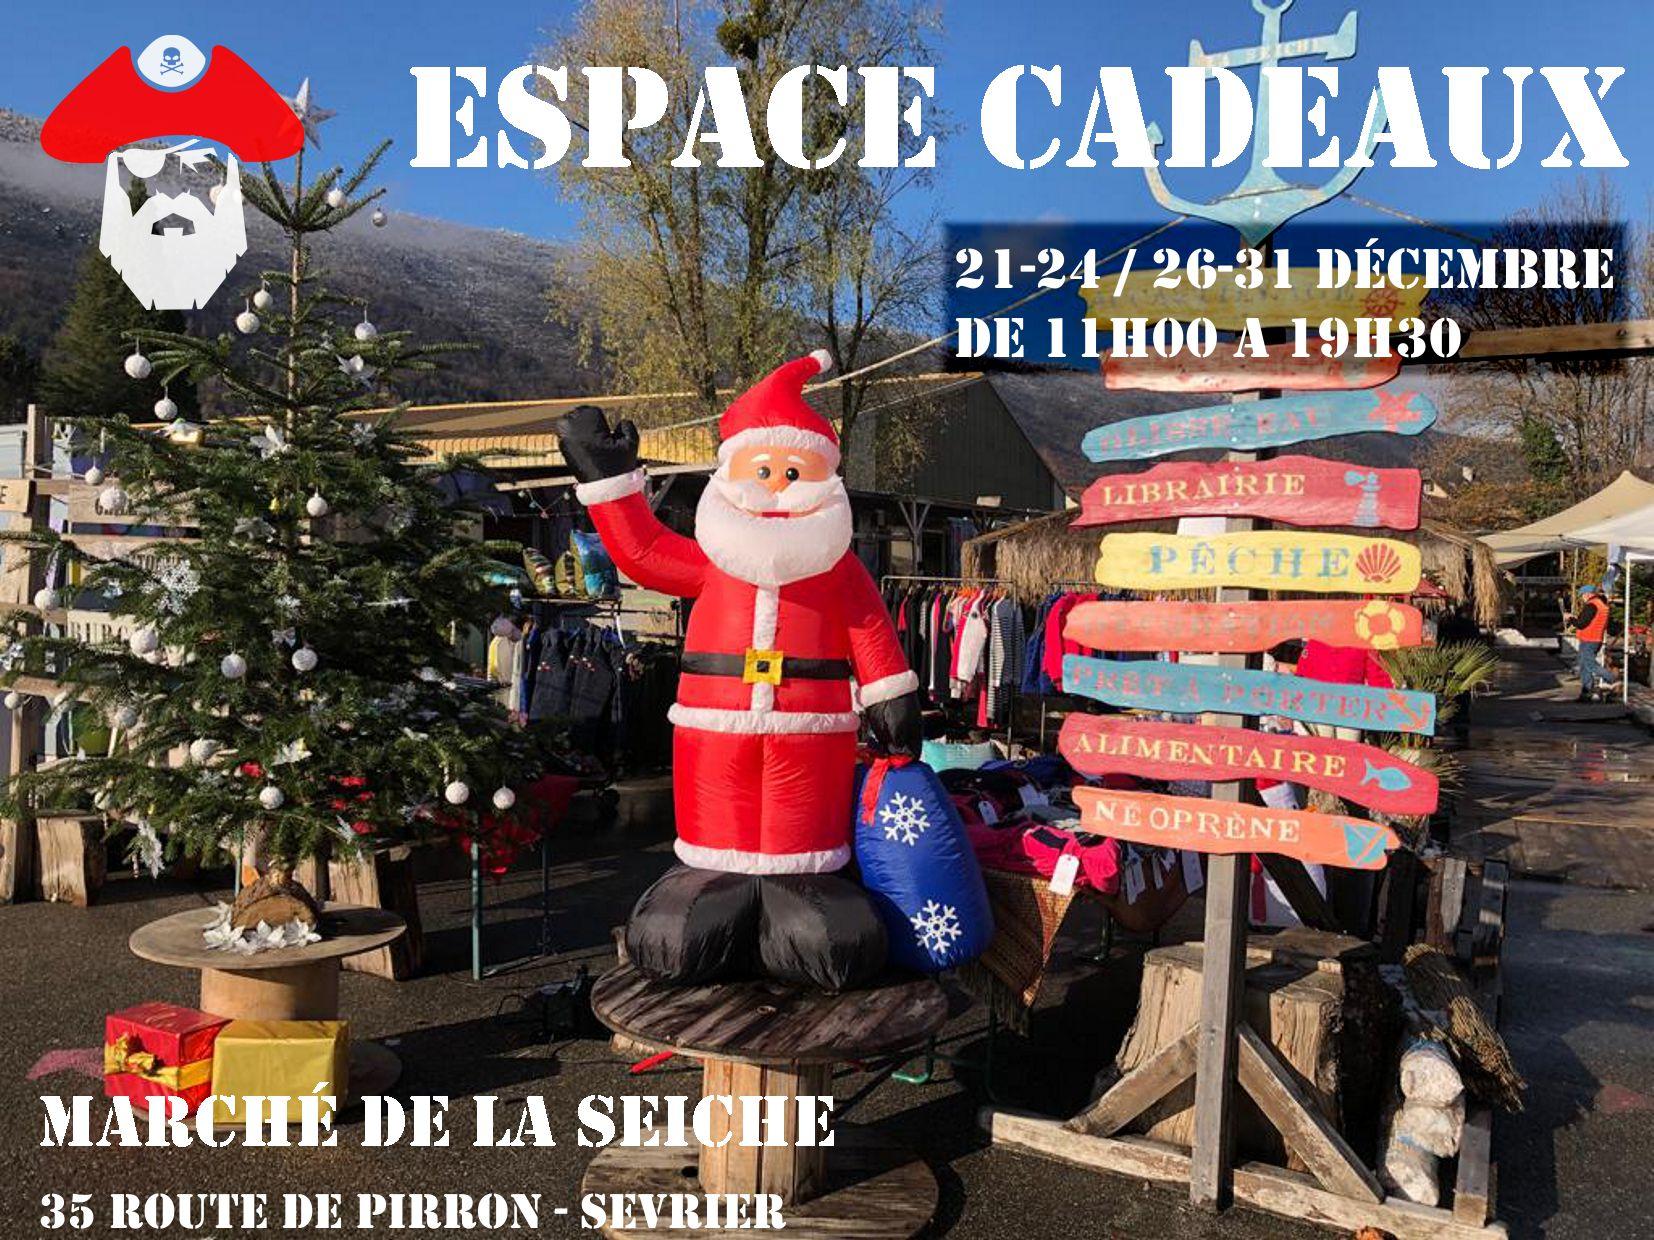 Espace cadeaux au marché de la Seiche - Sevrier - Lac d'Annecy - décembre 2020